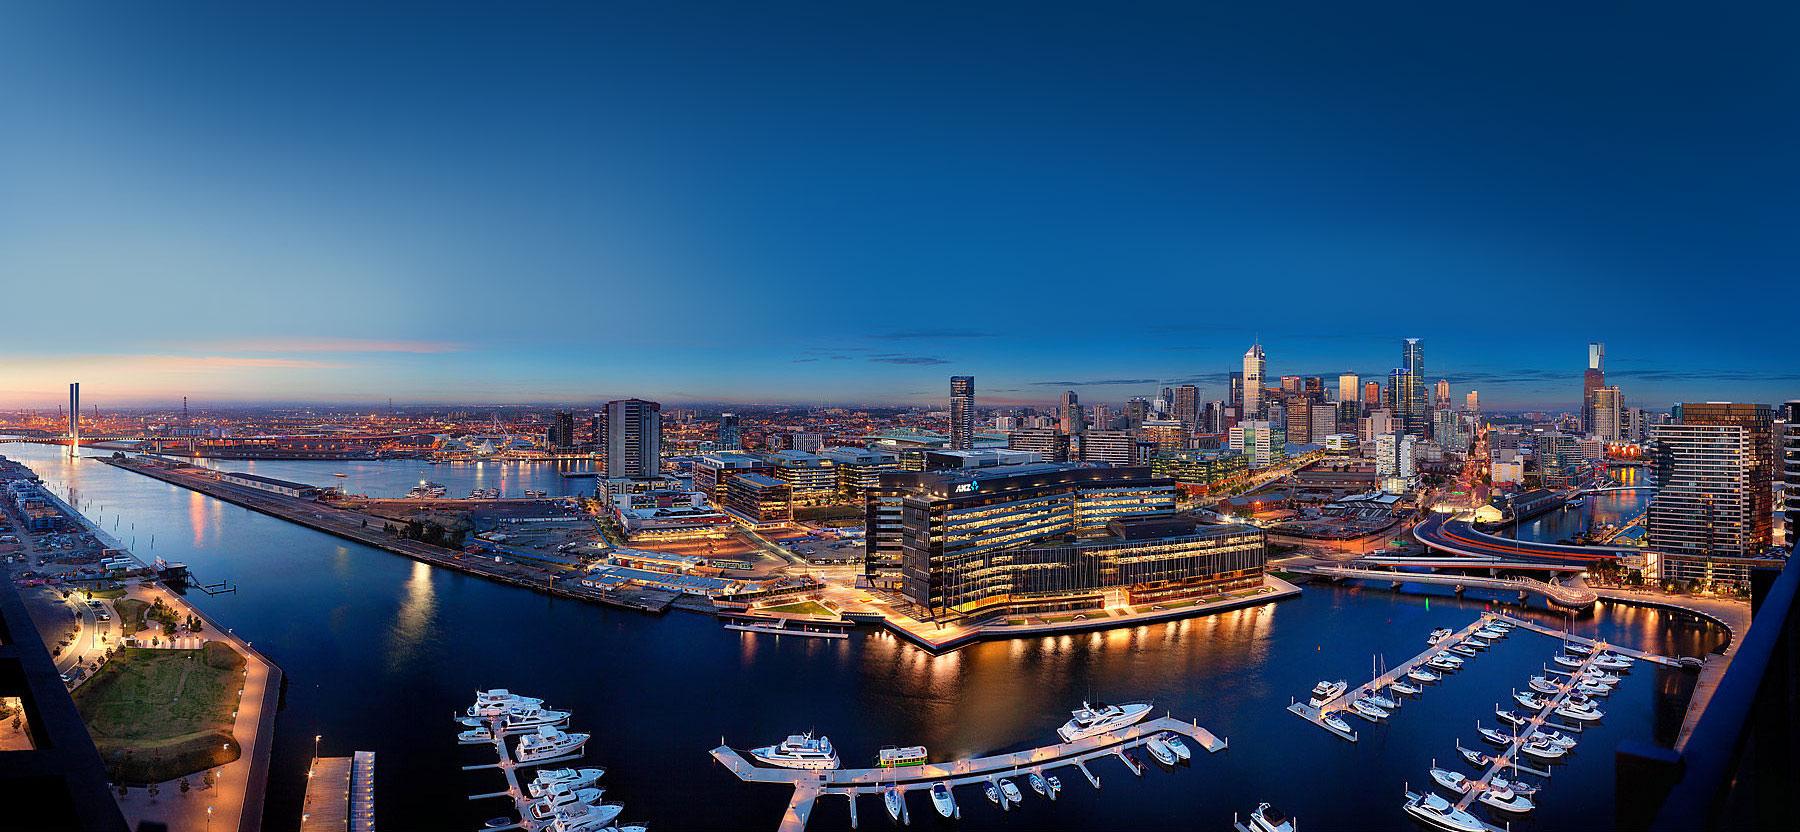 Docklands_2